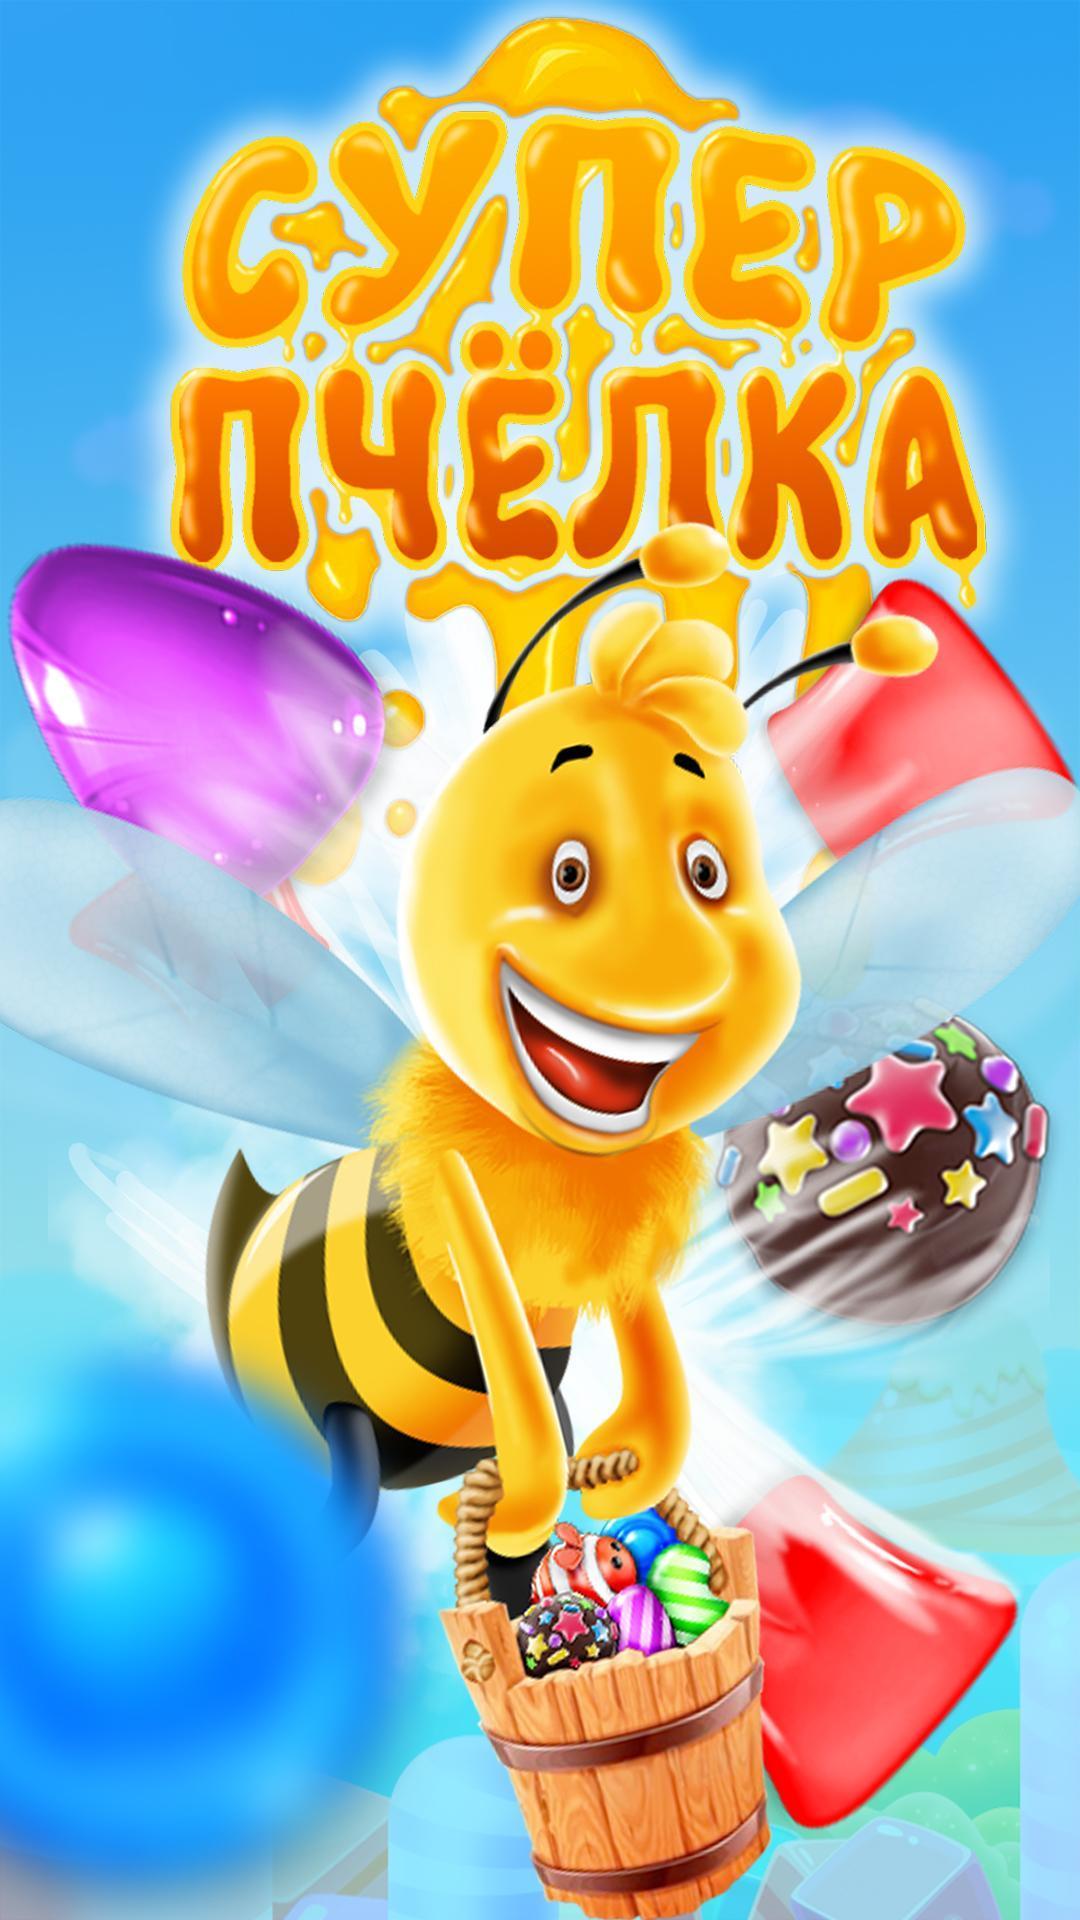 смотреть картинки супер пчелка шабака